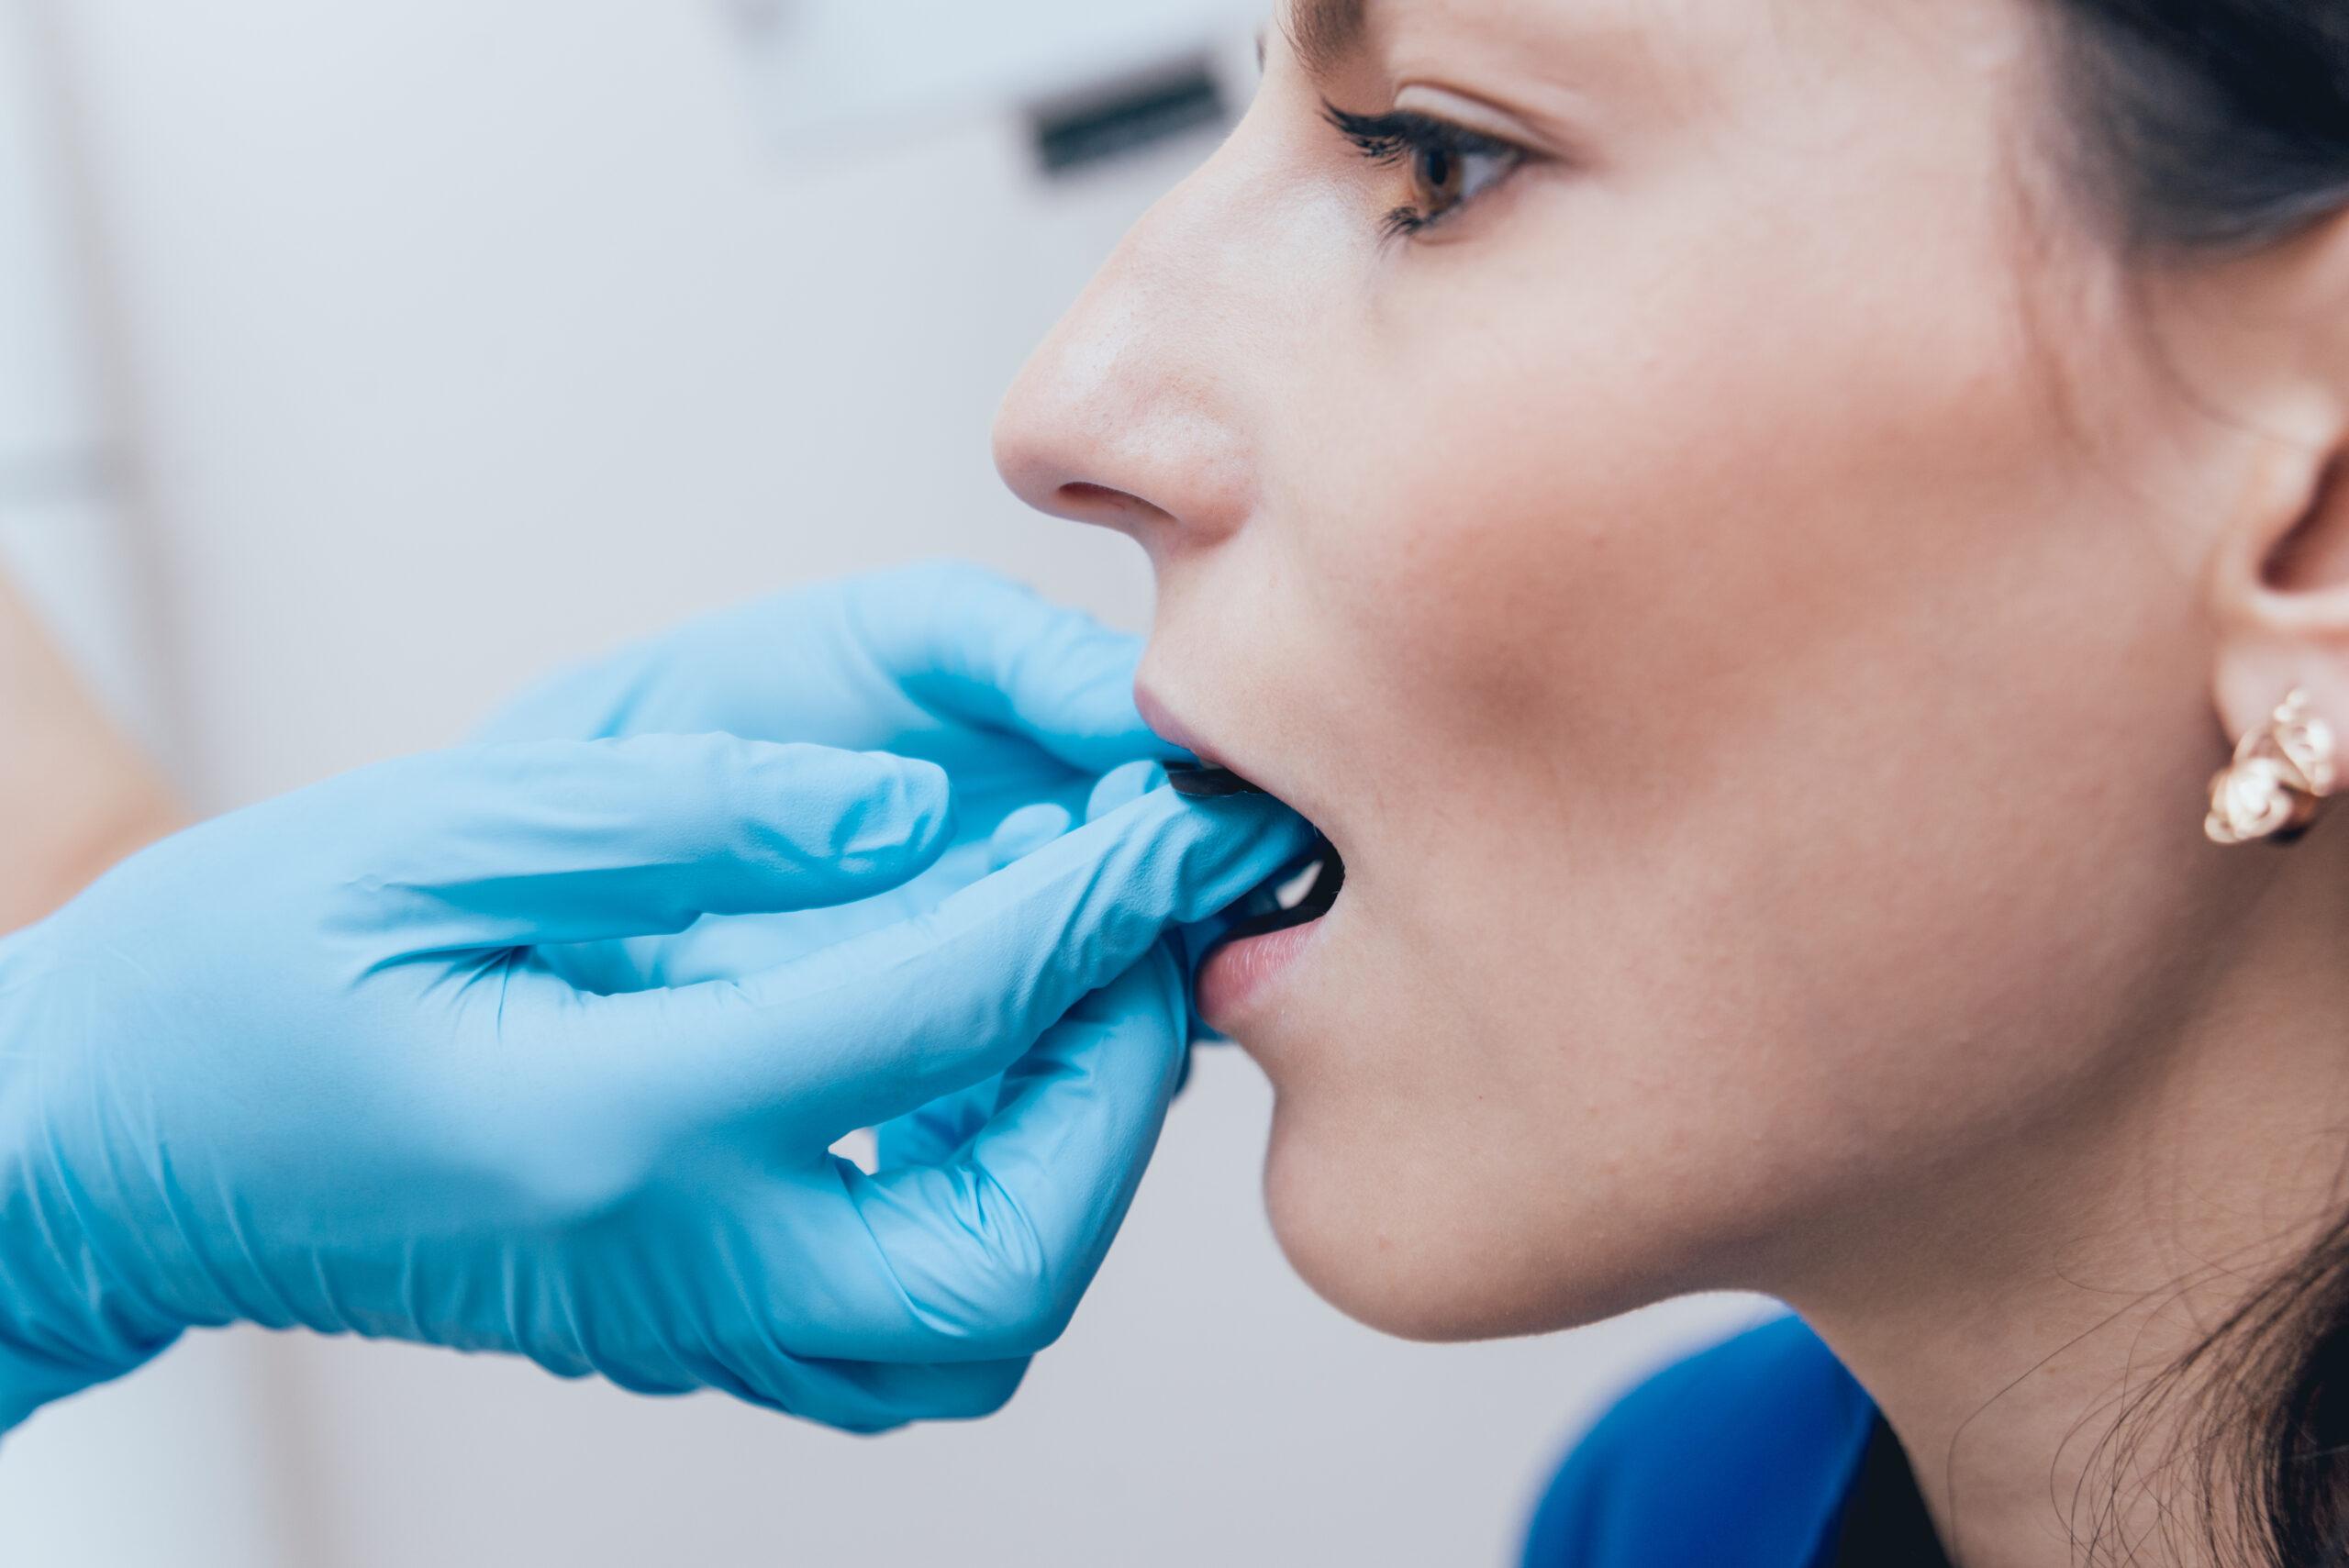 Центр здоров'я Solard - Остеопатія в стоматології - 7